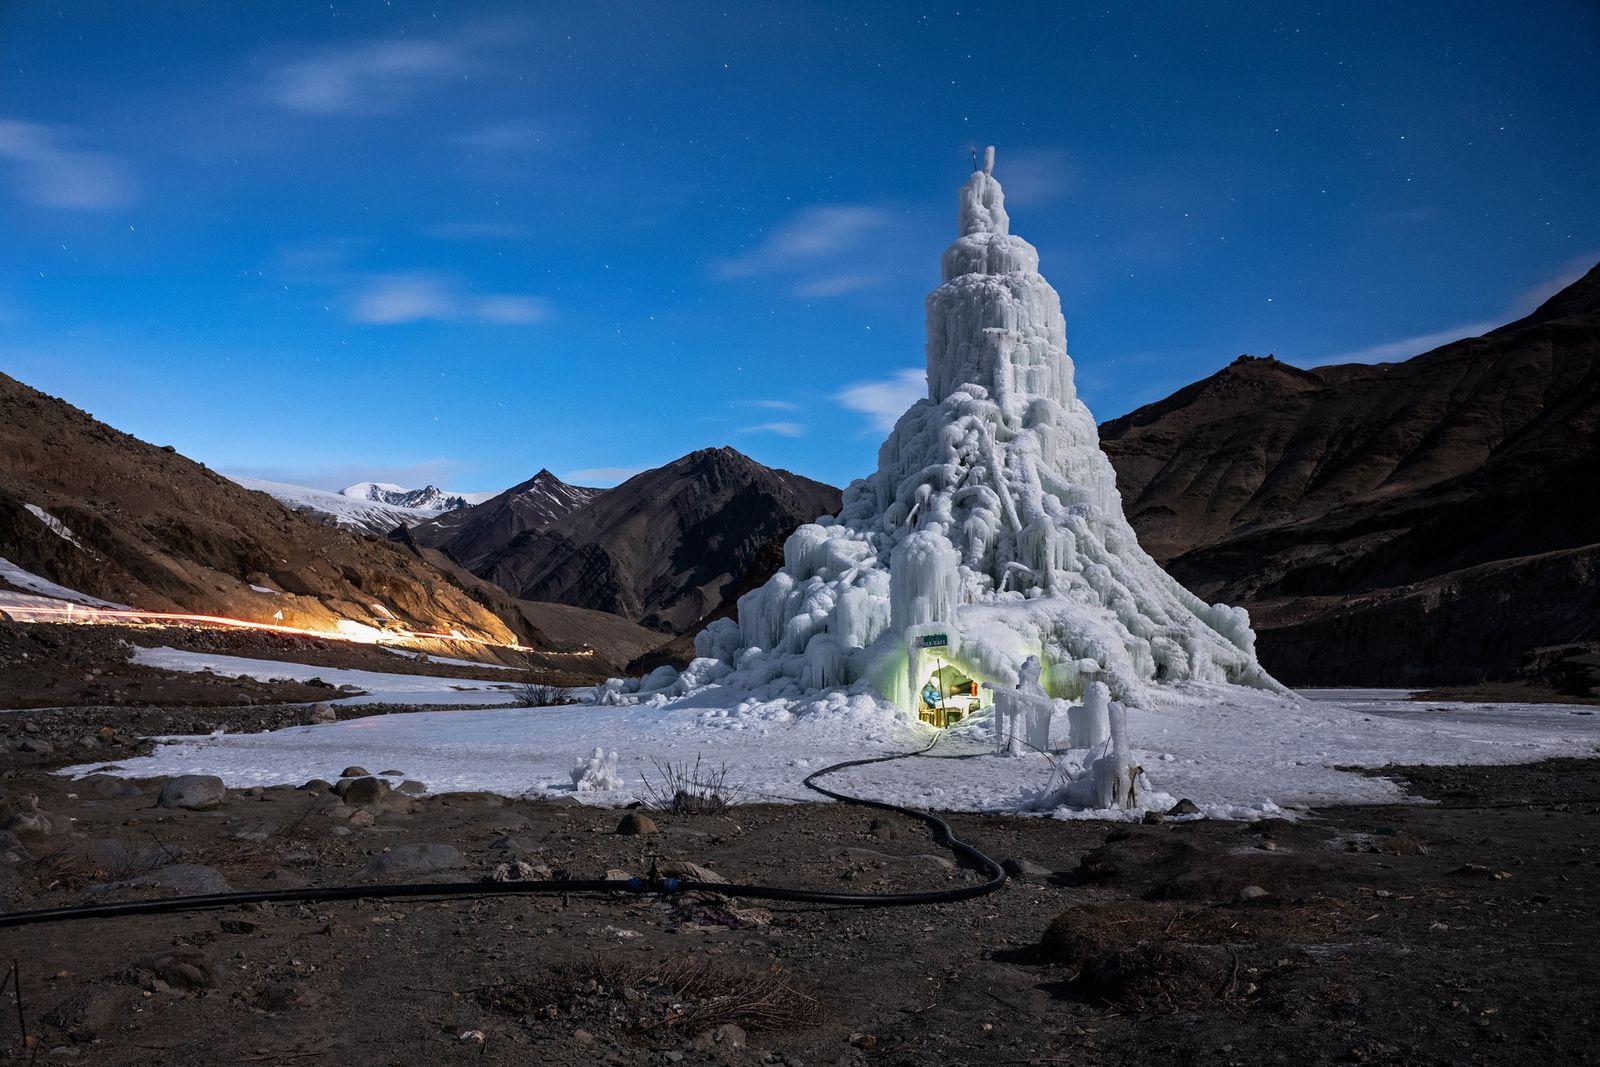 Las estupas de hielo: un método para combatir el cambio climático